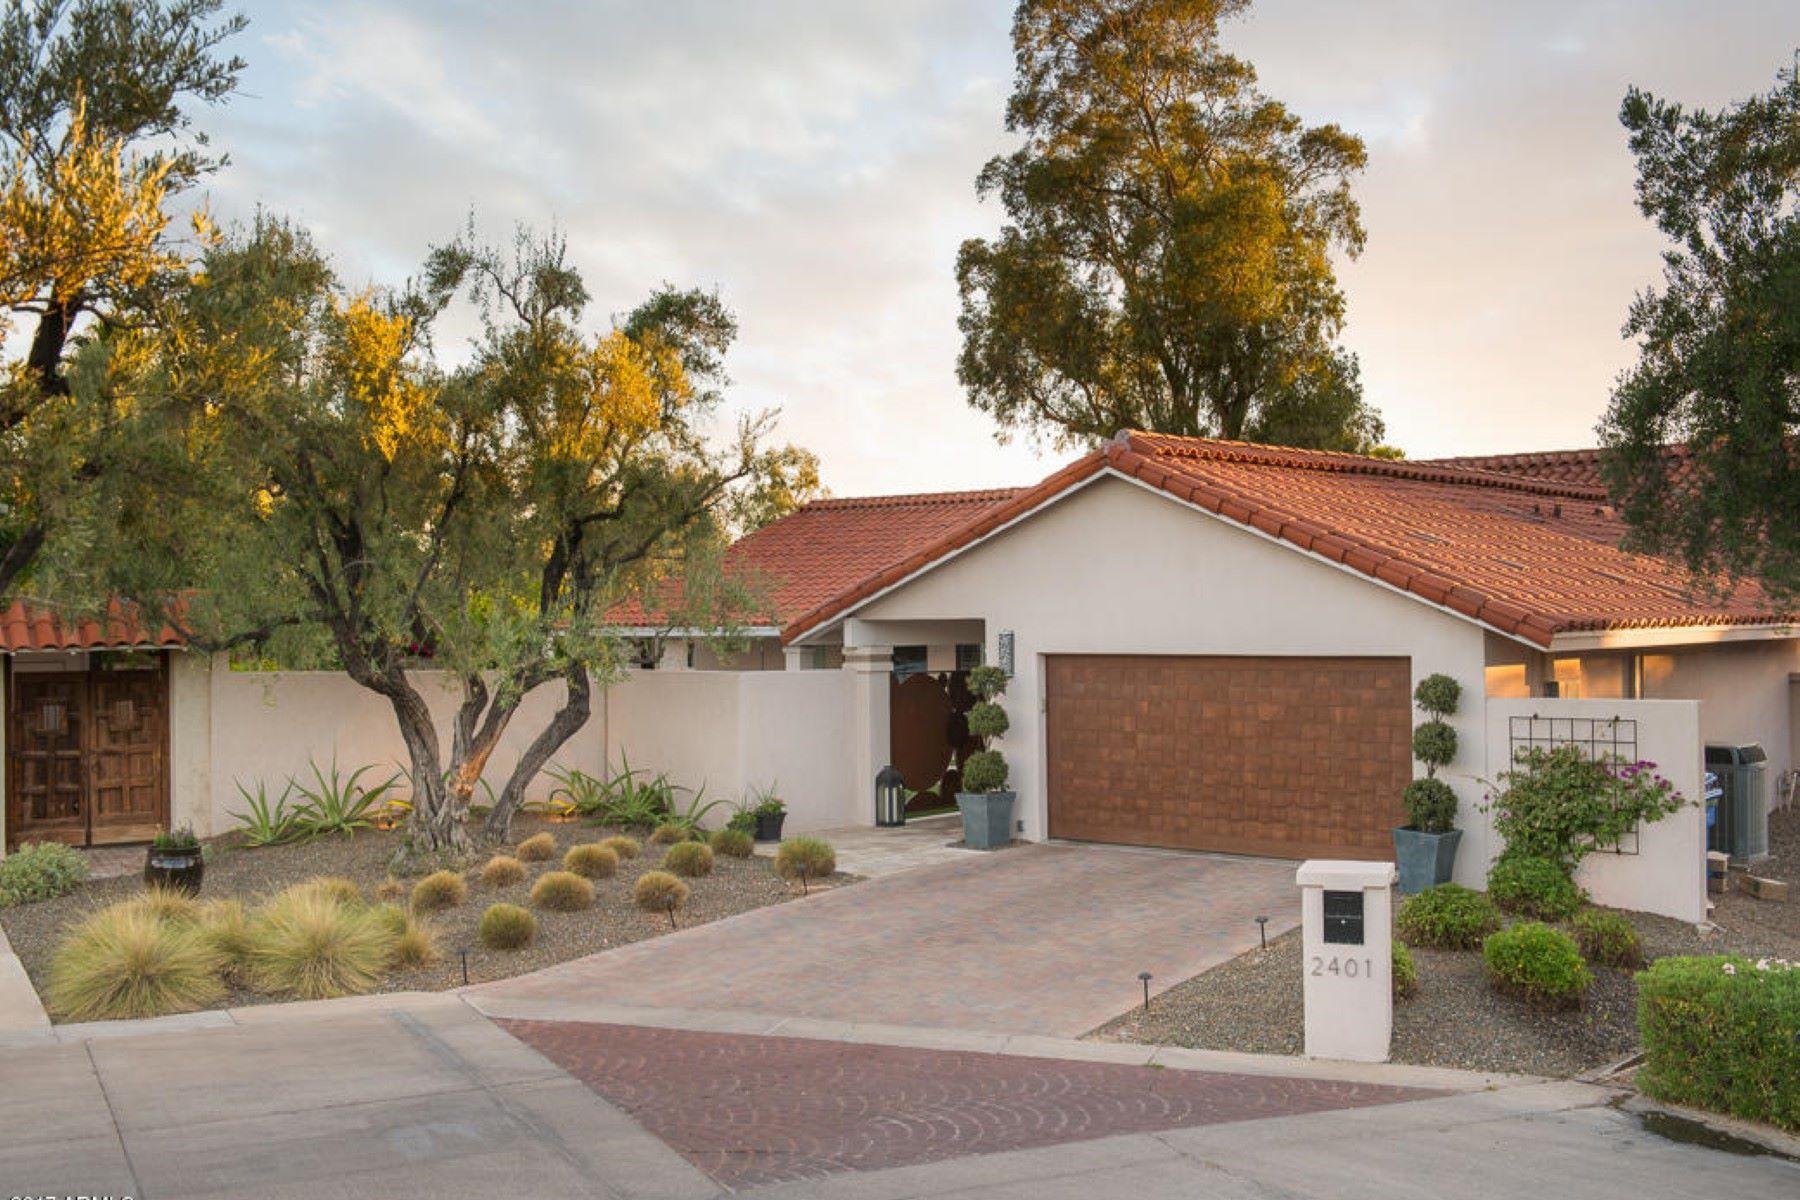 Nhà ở một gia đình vì Bán tại Newly renovated home in an exclusive community in the Arizona Biltmore 2401 E Montebello Ave Phoenix, Arizona, 85016 Hoa Kỳ